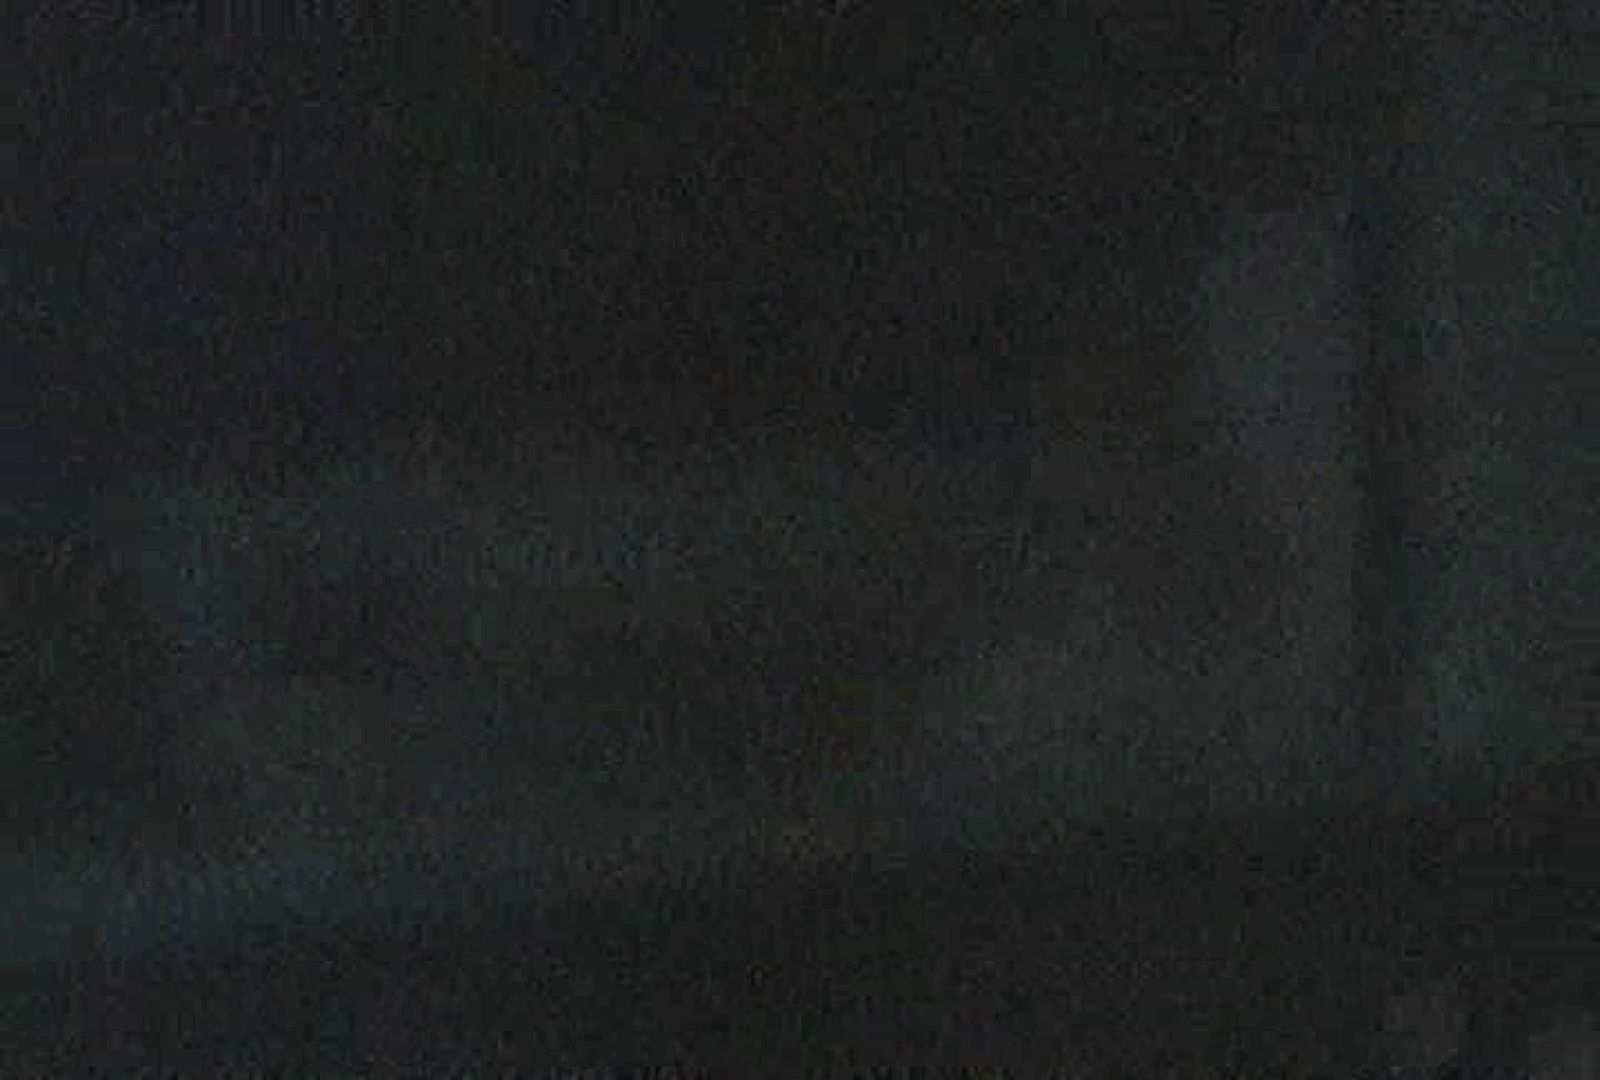 充血監督の深夜の運動会Vol.95 キャバ嬢 スケベ動画紹介 75連発 23